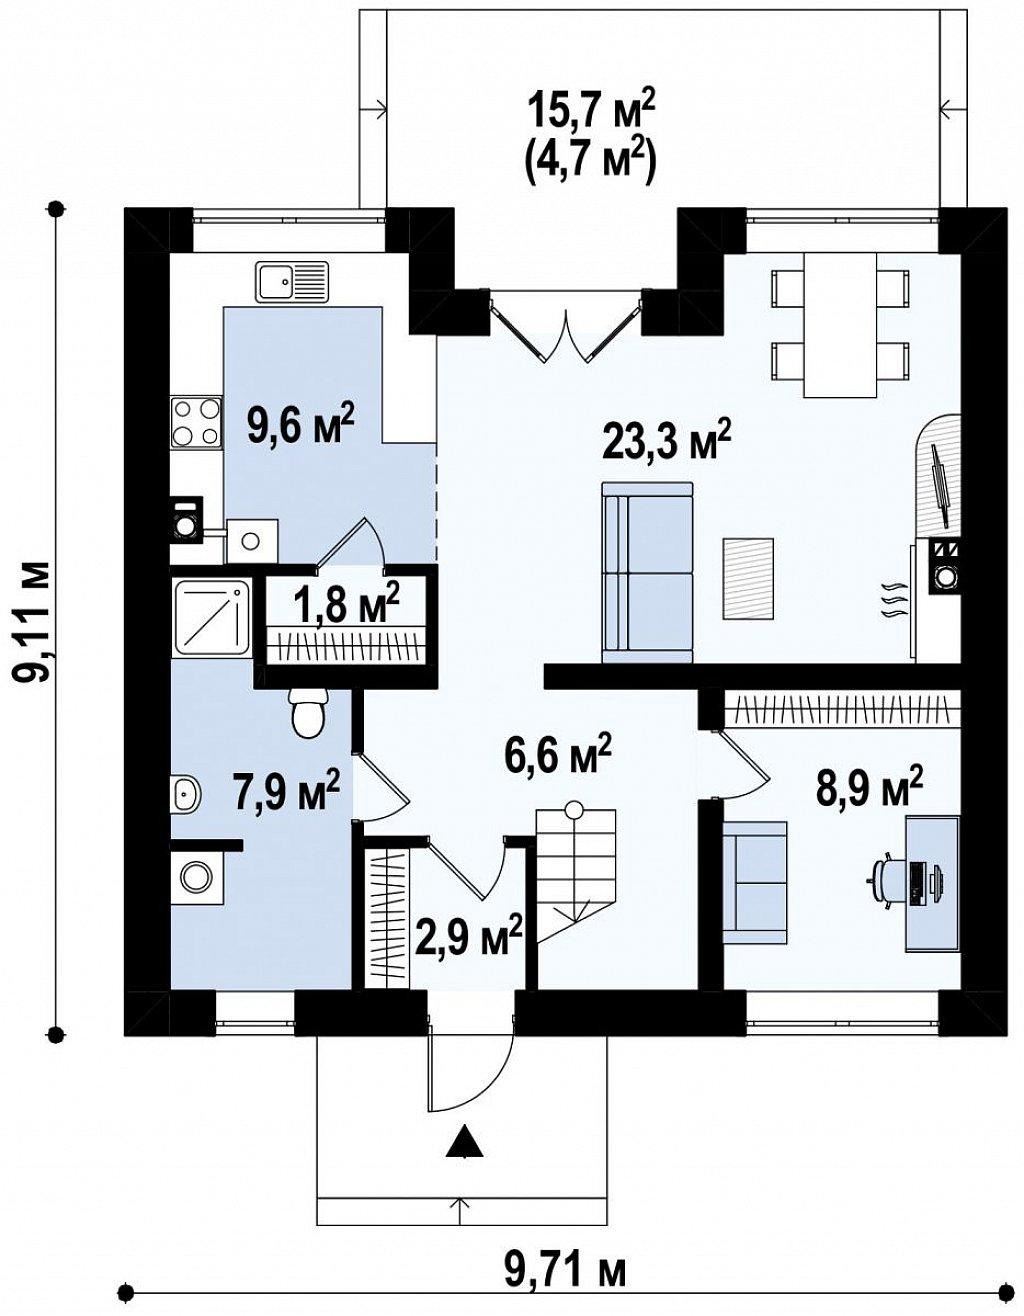 Стильный дом с мансардным окном и балконом, а также кухней со стороны сада. план помещений 1